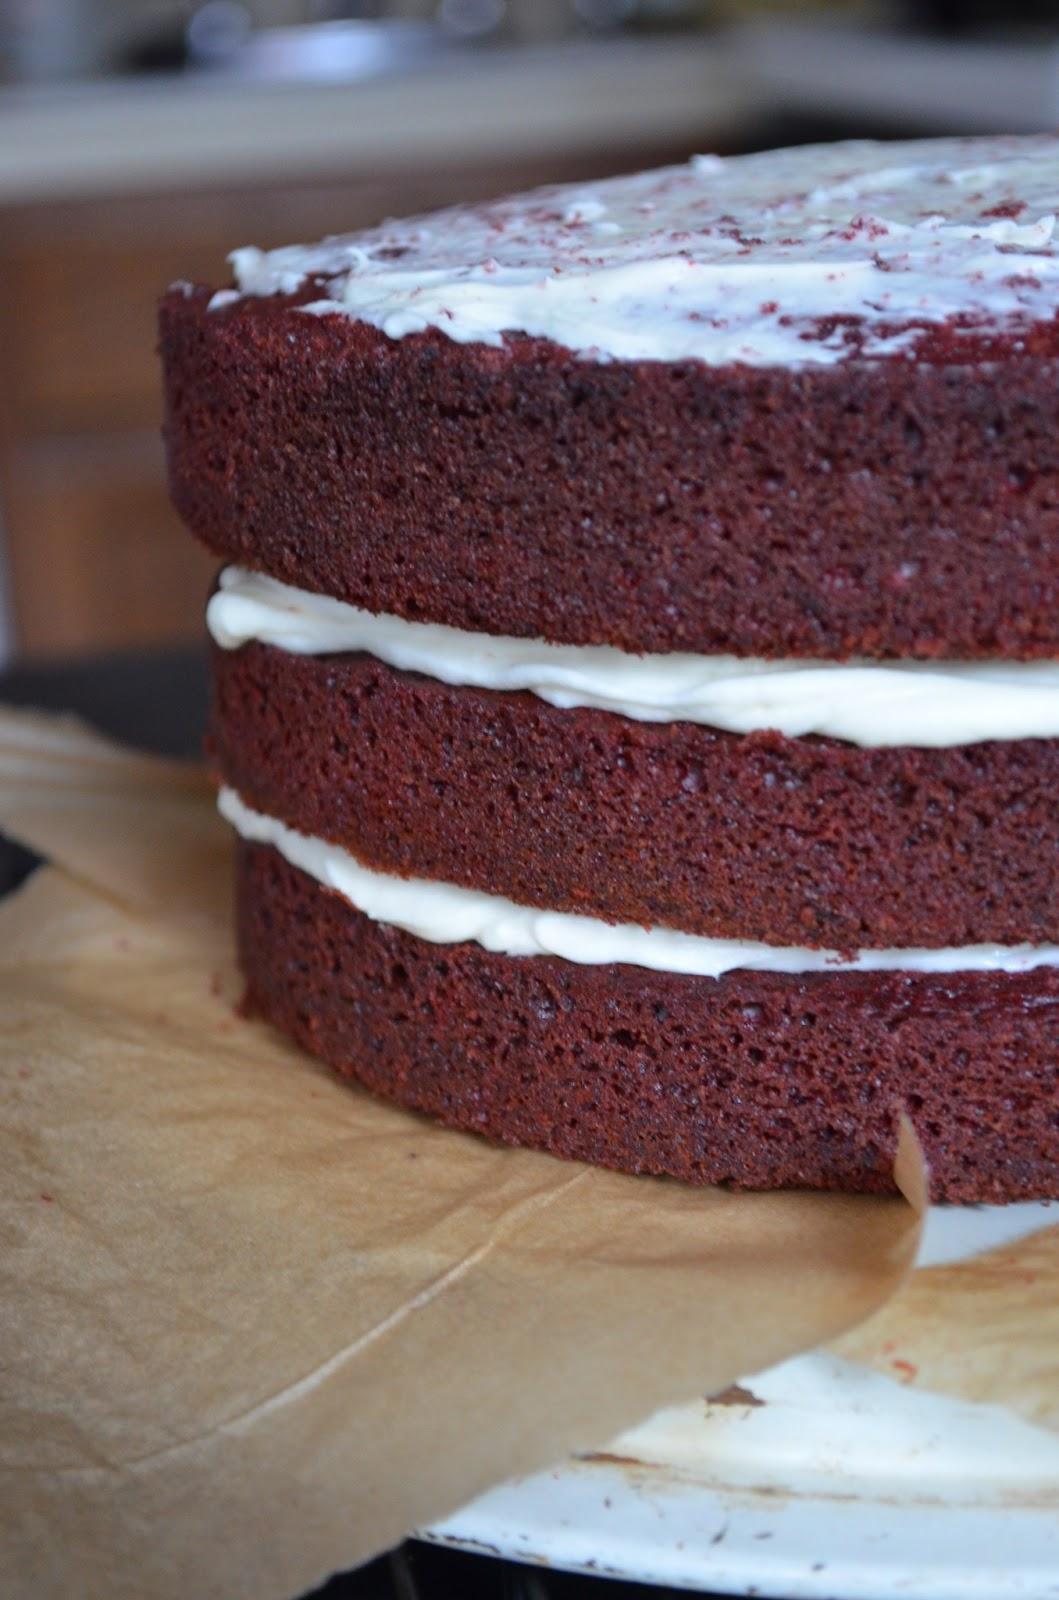 Best Red Velvet Cake Nytimes